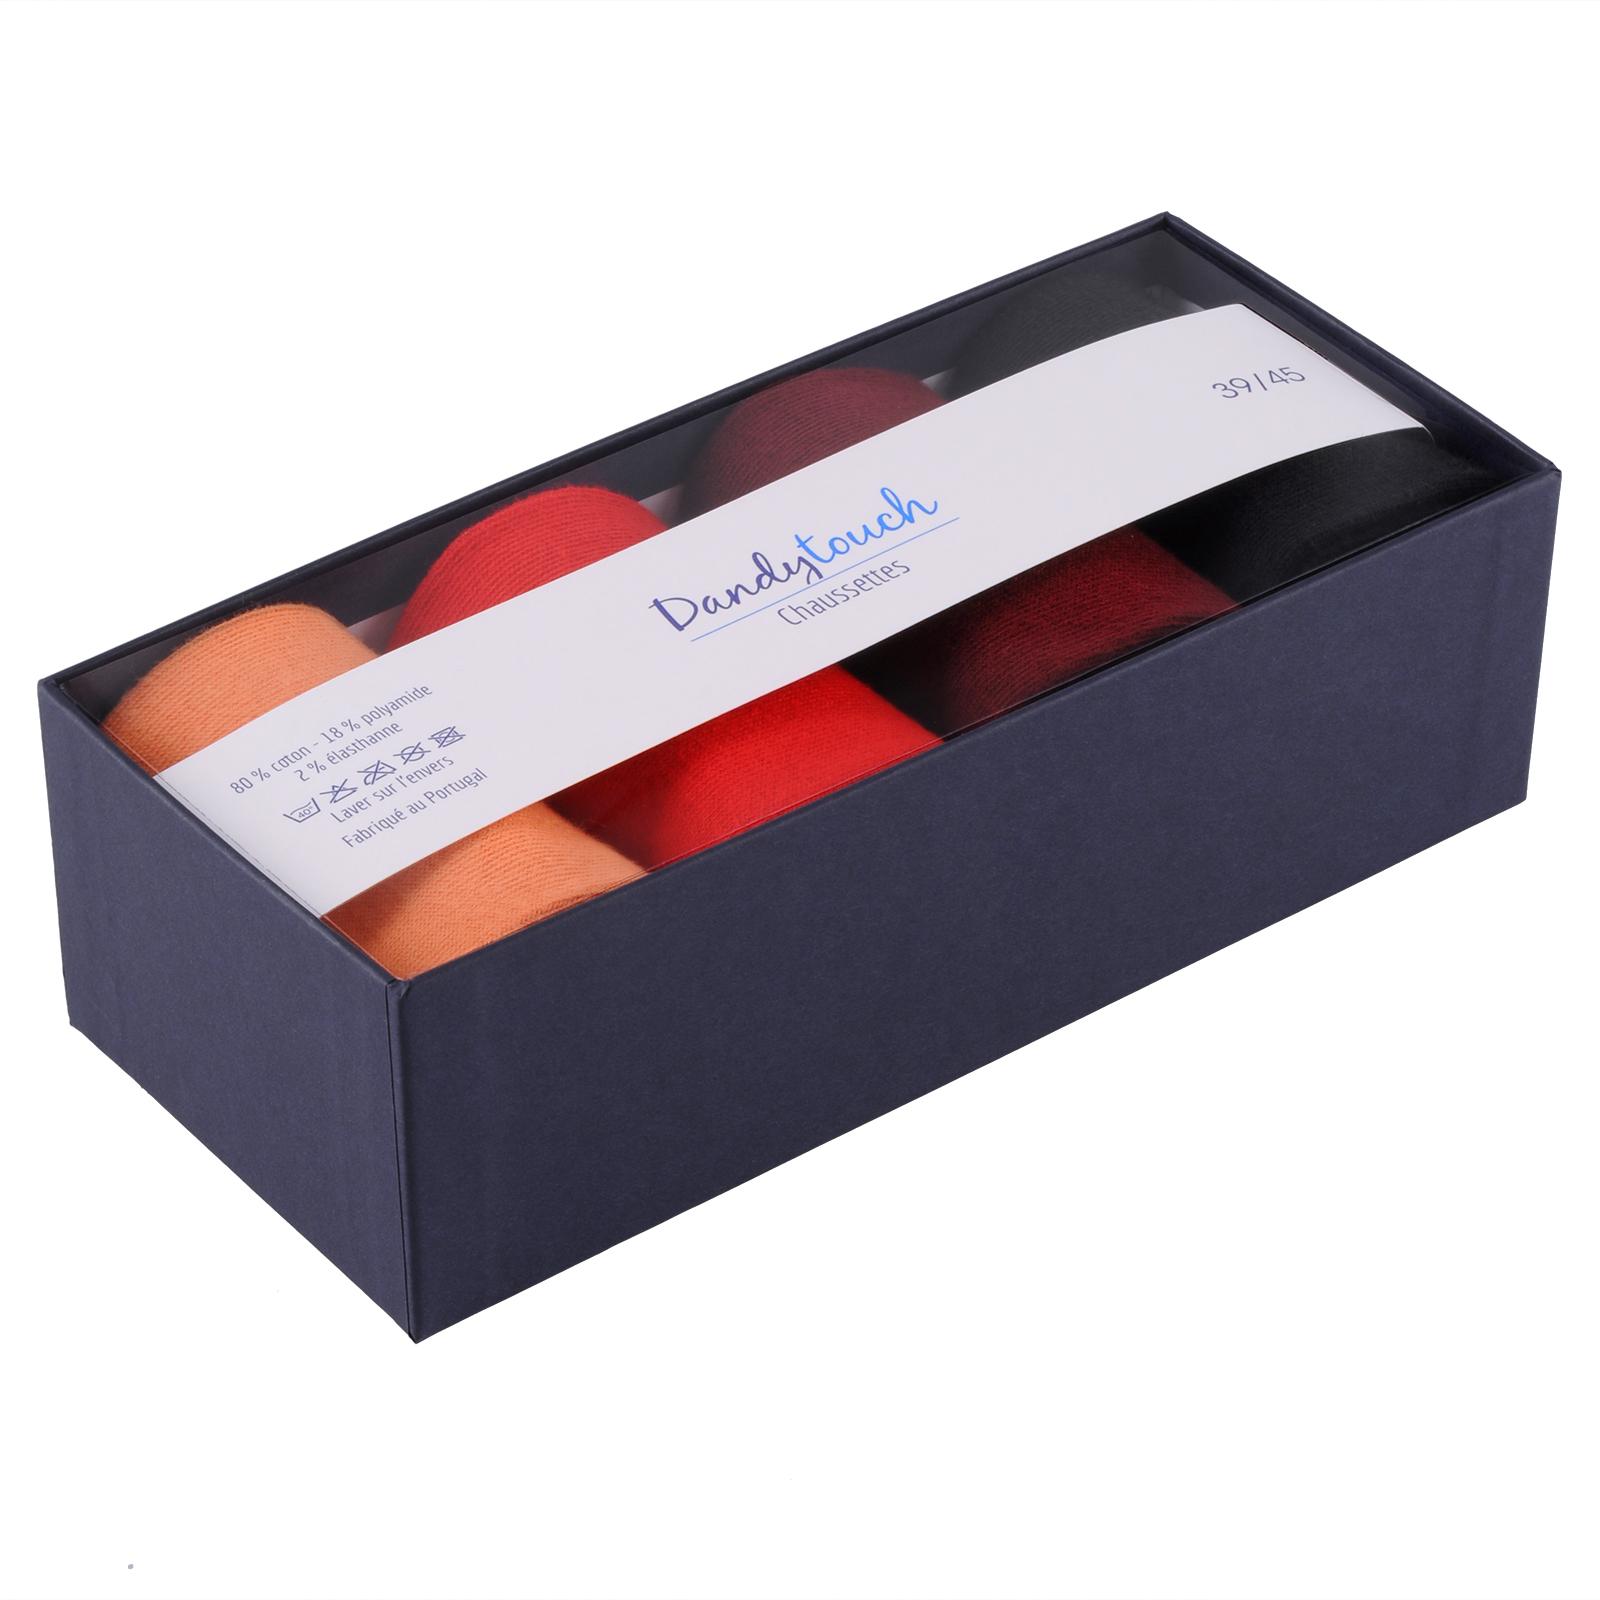 CH-00020-B16-Coffret-paires-chaussettes-homme-orange-rouge-noir